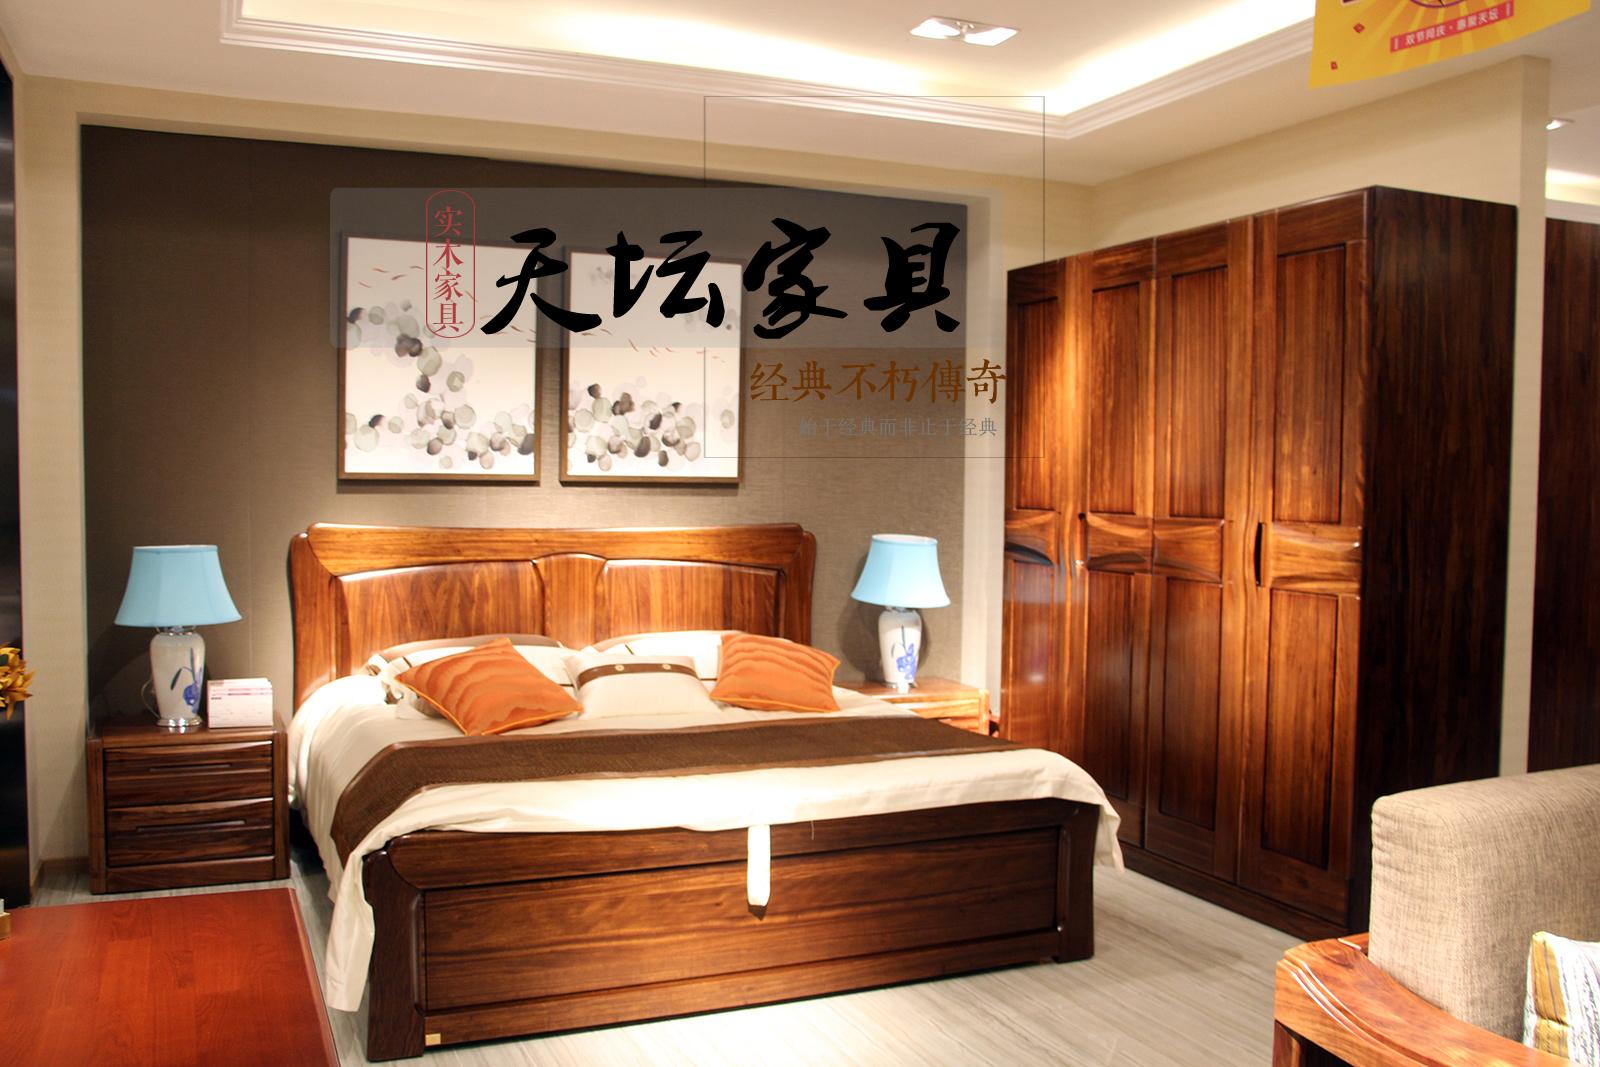 天坛乌金木卧室家具现代与古典的碰撞